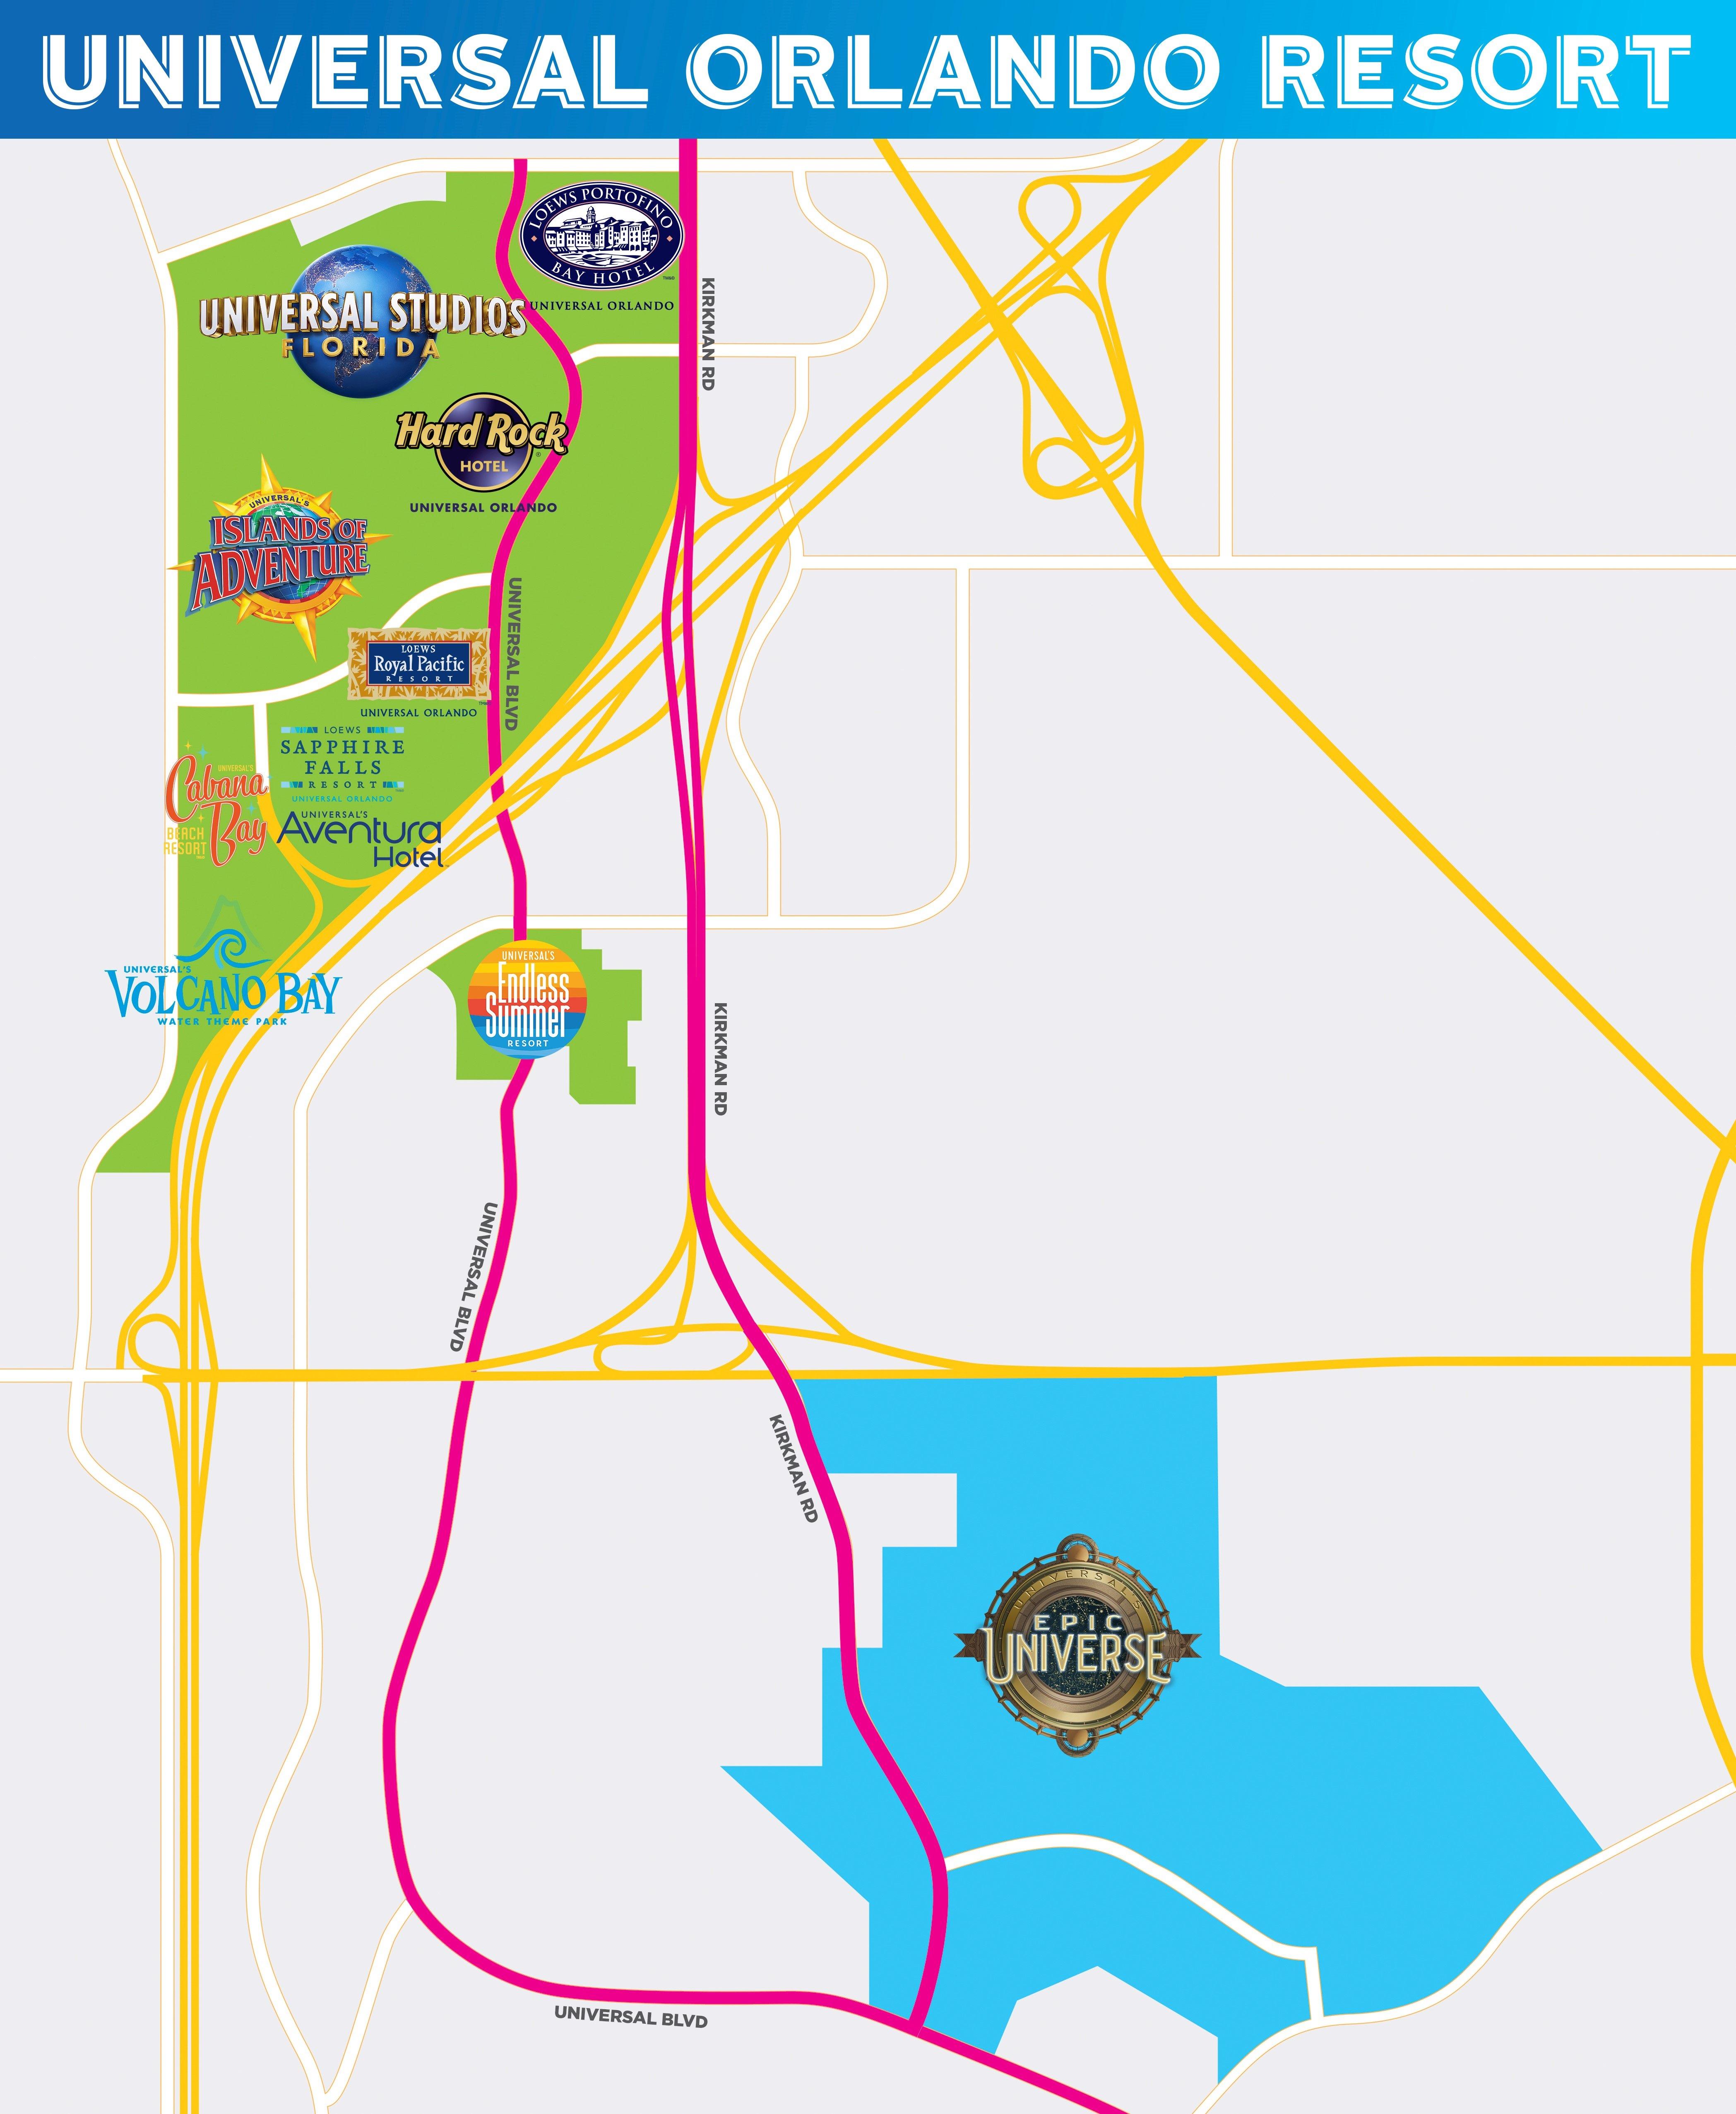 Imagem do mapa do complexo Universal, mostrando os parques atuais e onde ficará o novo parque.